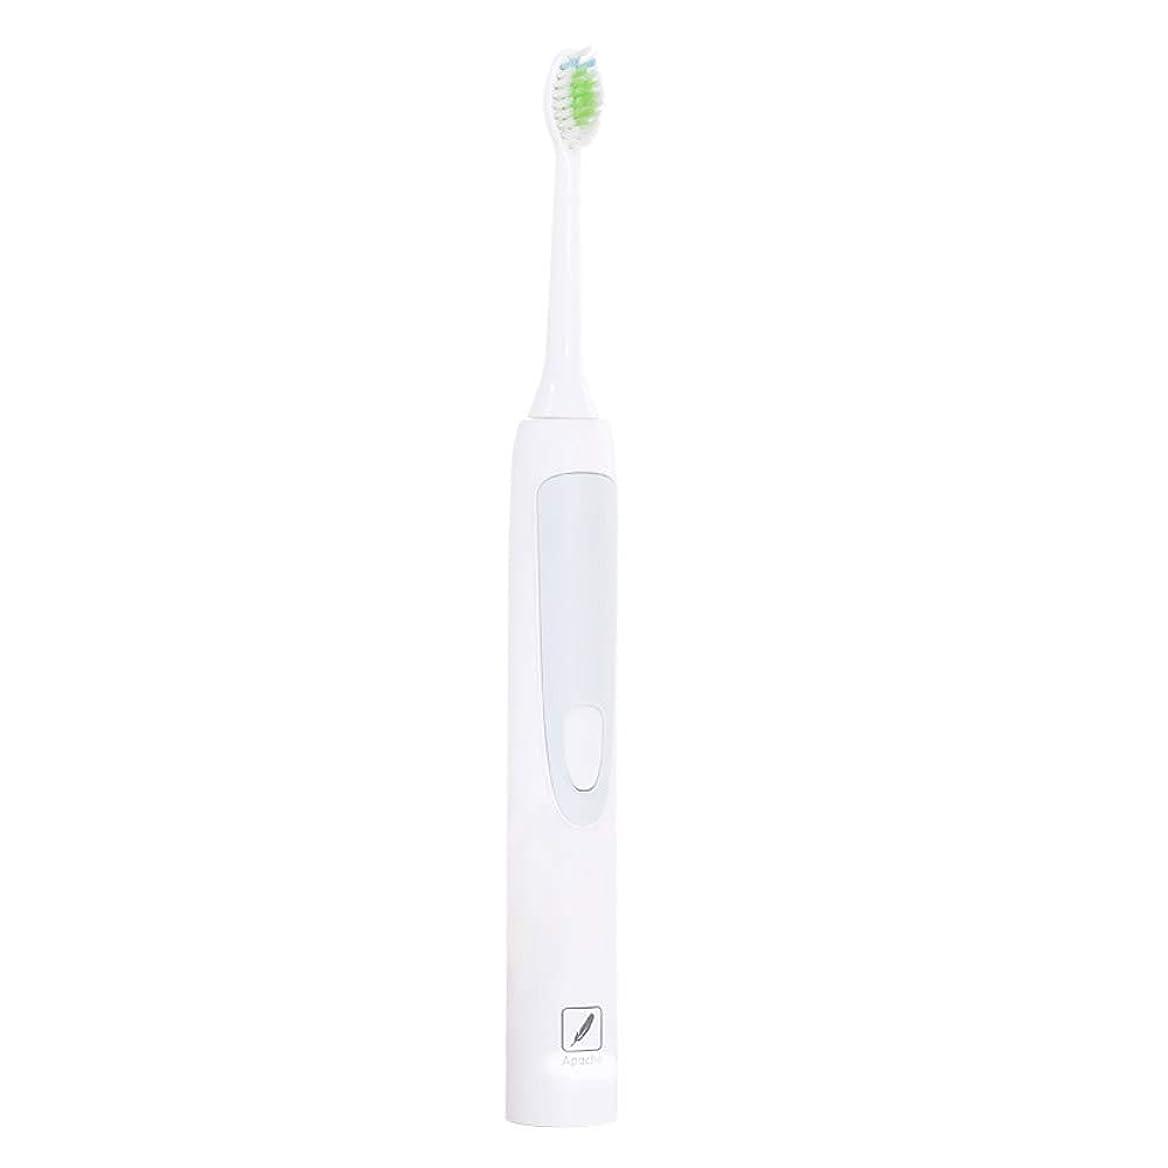 ポーン美容師剥ぎ取る電動歯ブラシ、自動電動歯ブラシ、成人ワイヤレス充電用歯ブラシ、自動電動歯ブラシ